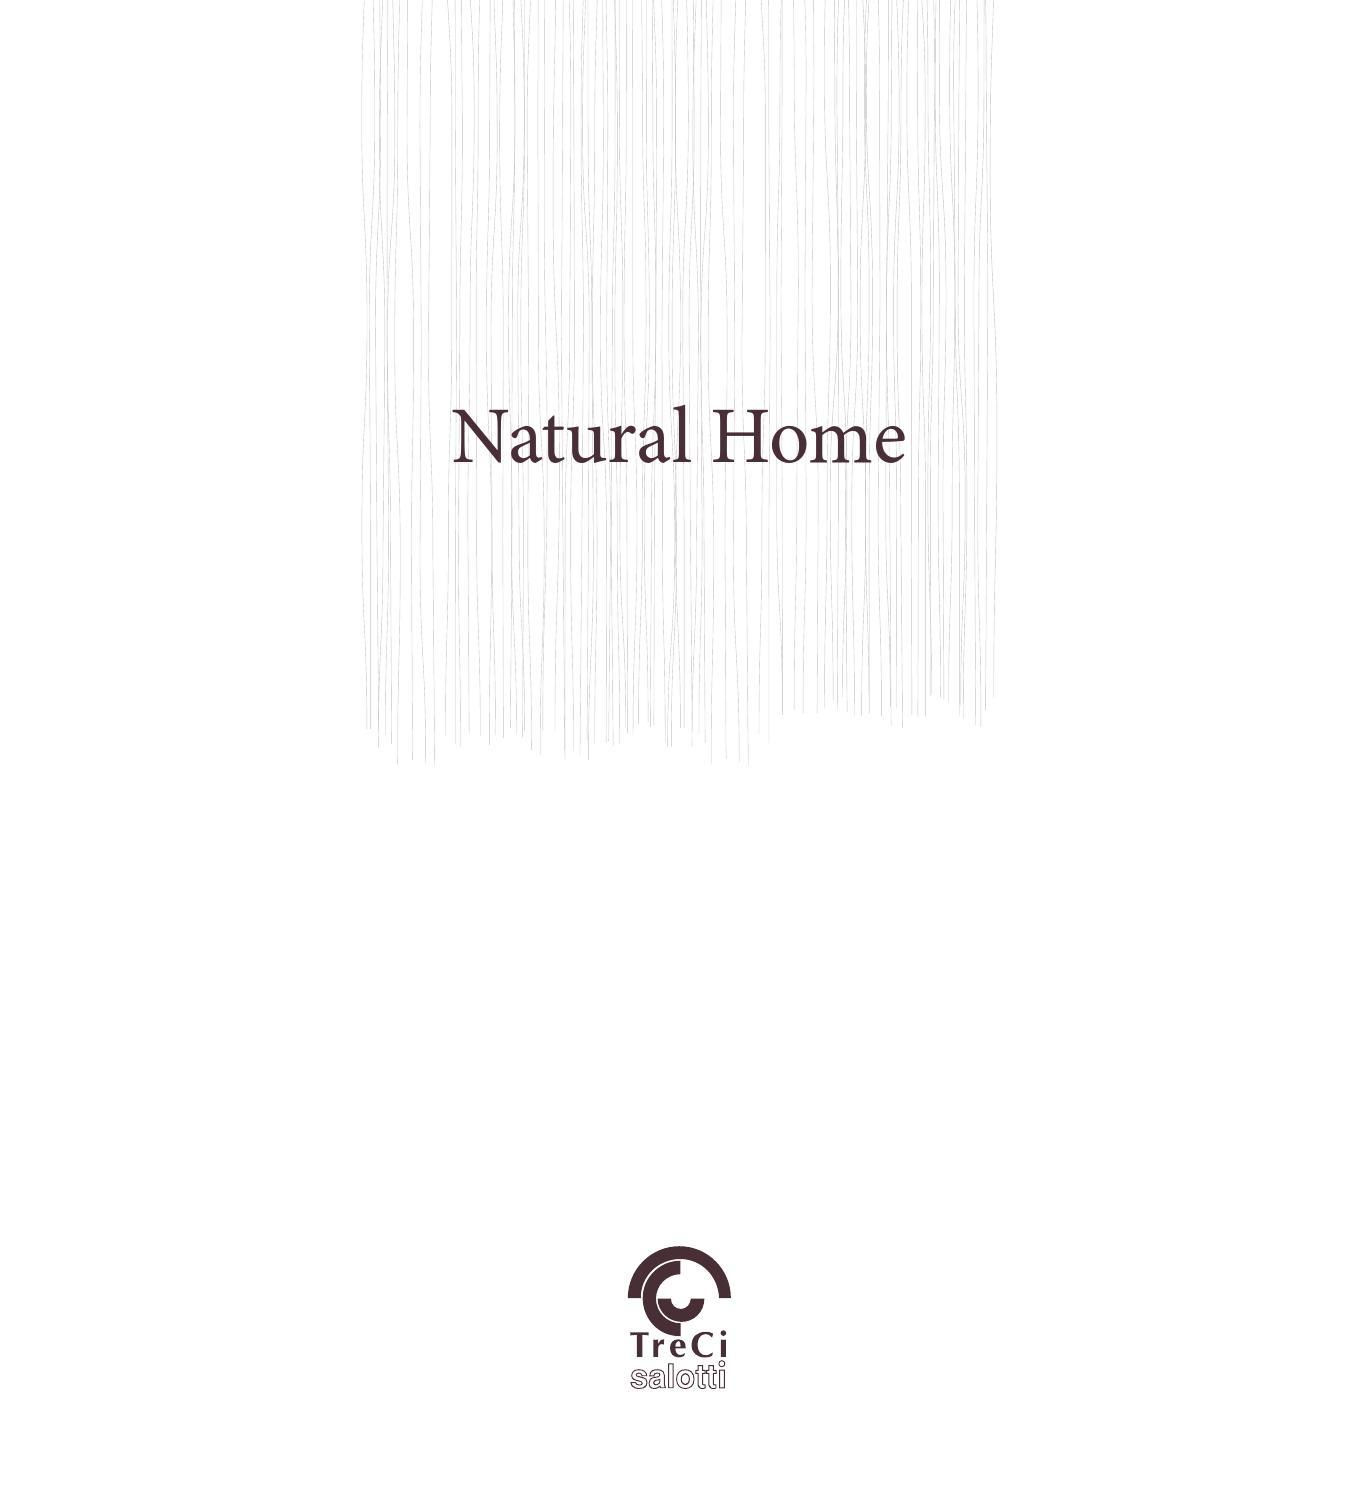 Natural home catalogo by epoque co issuu - Natura home catalogo ...